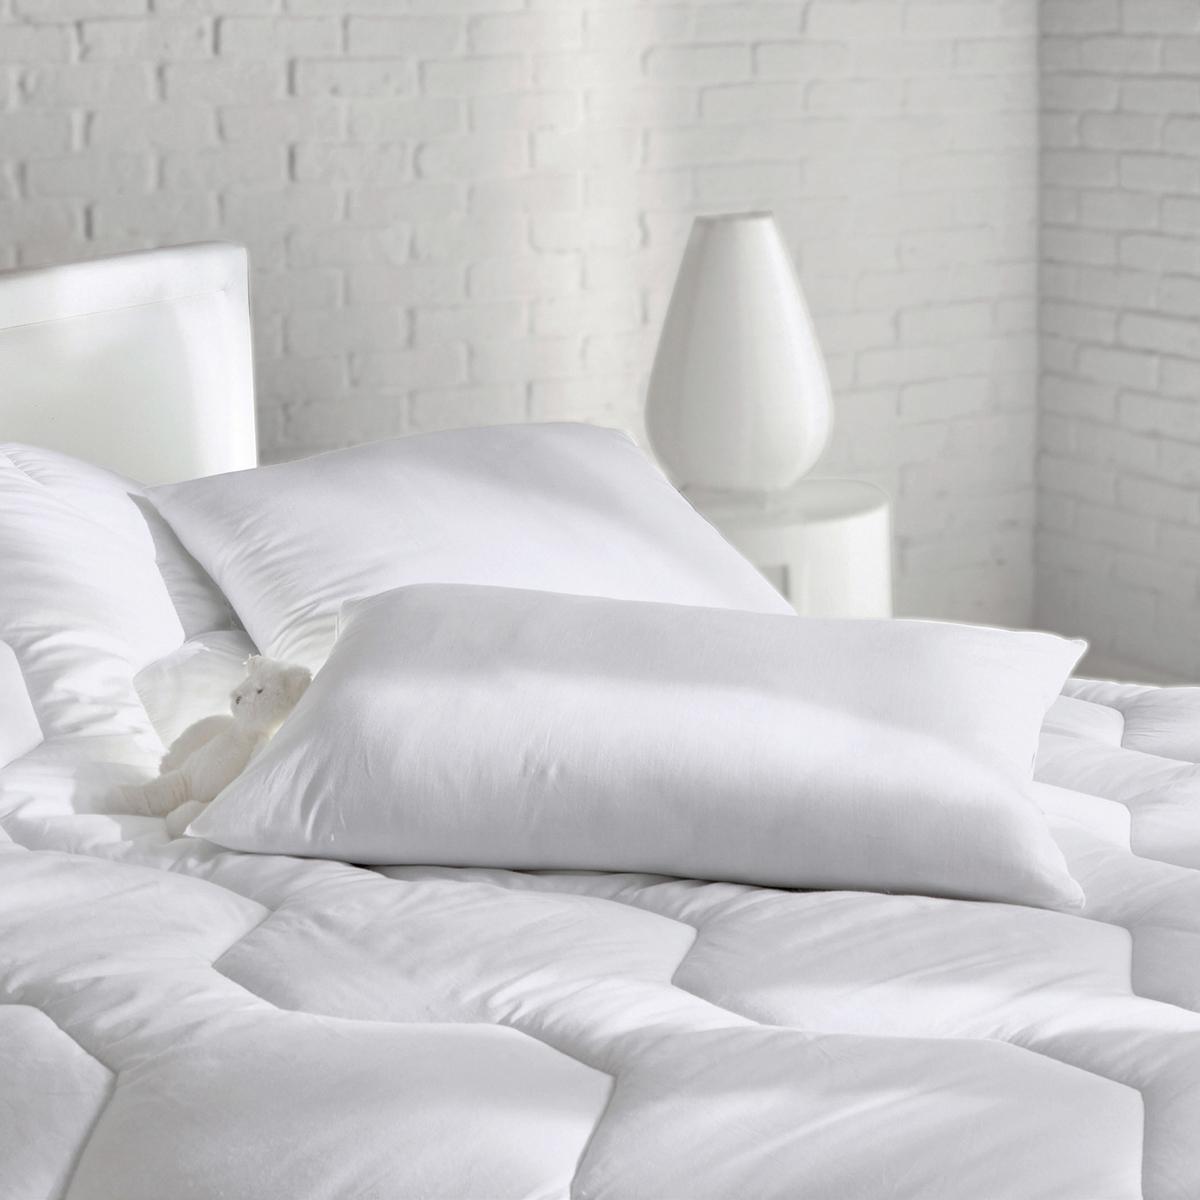 цена Подушка La Redoute Синтетическая мягкая с обработкой Santol 60 x 60 см белый онлайн в 2017 году